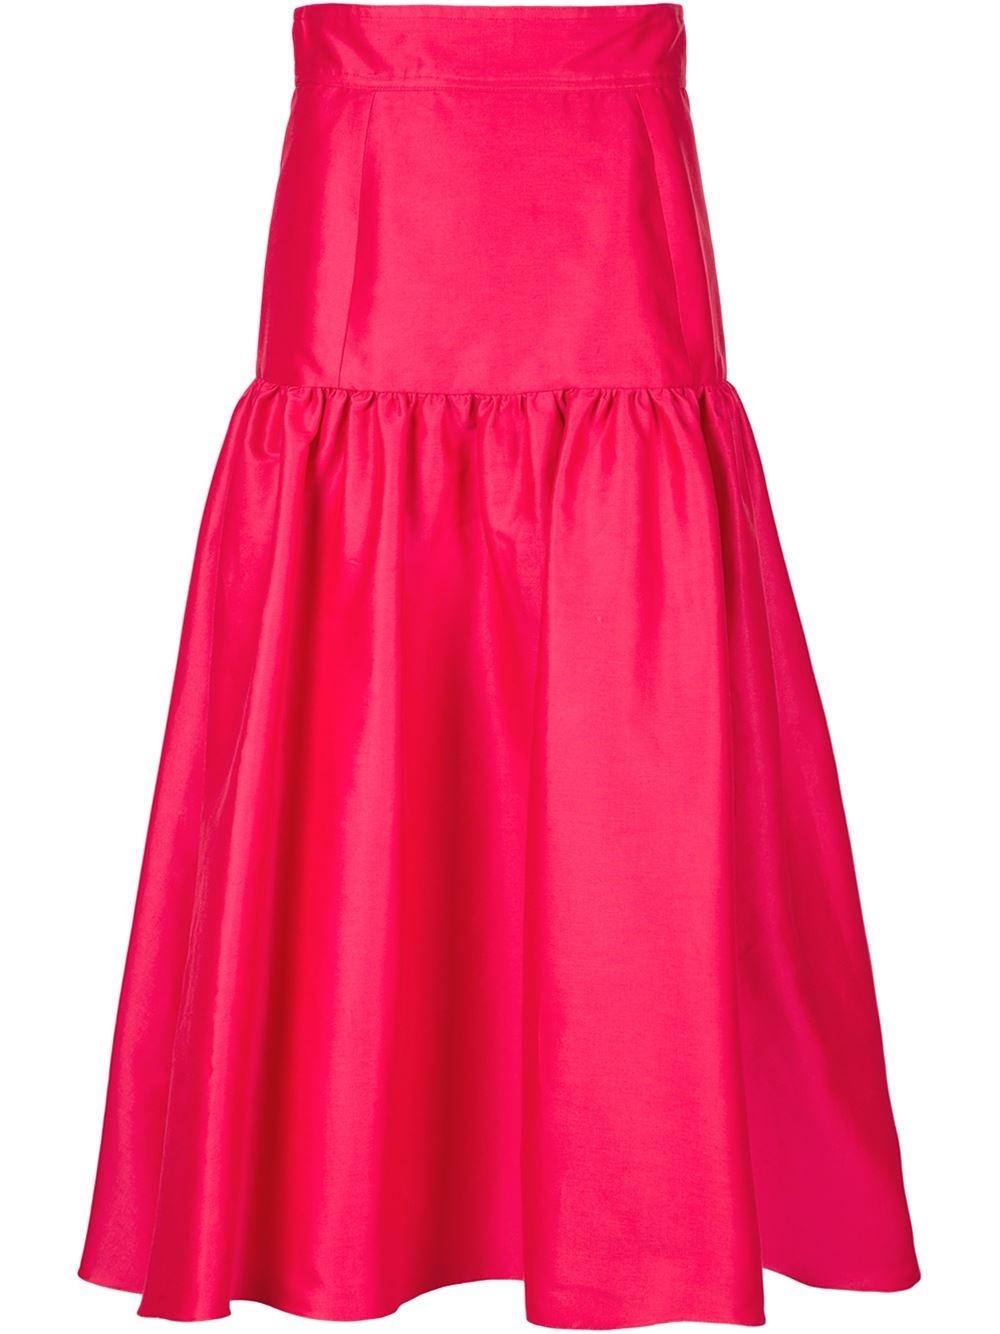 isa arfen cotton midi skirt in pink lyst